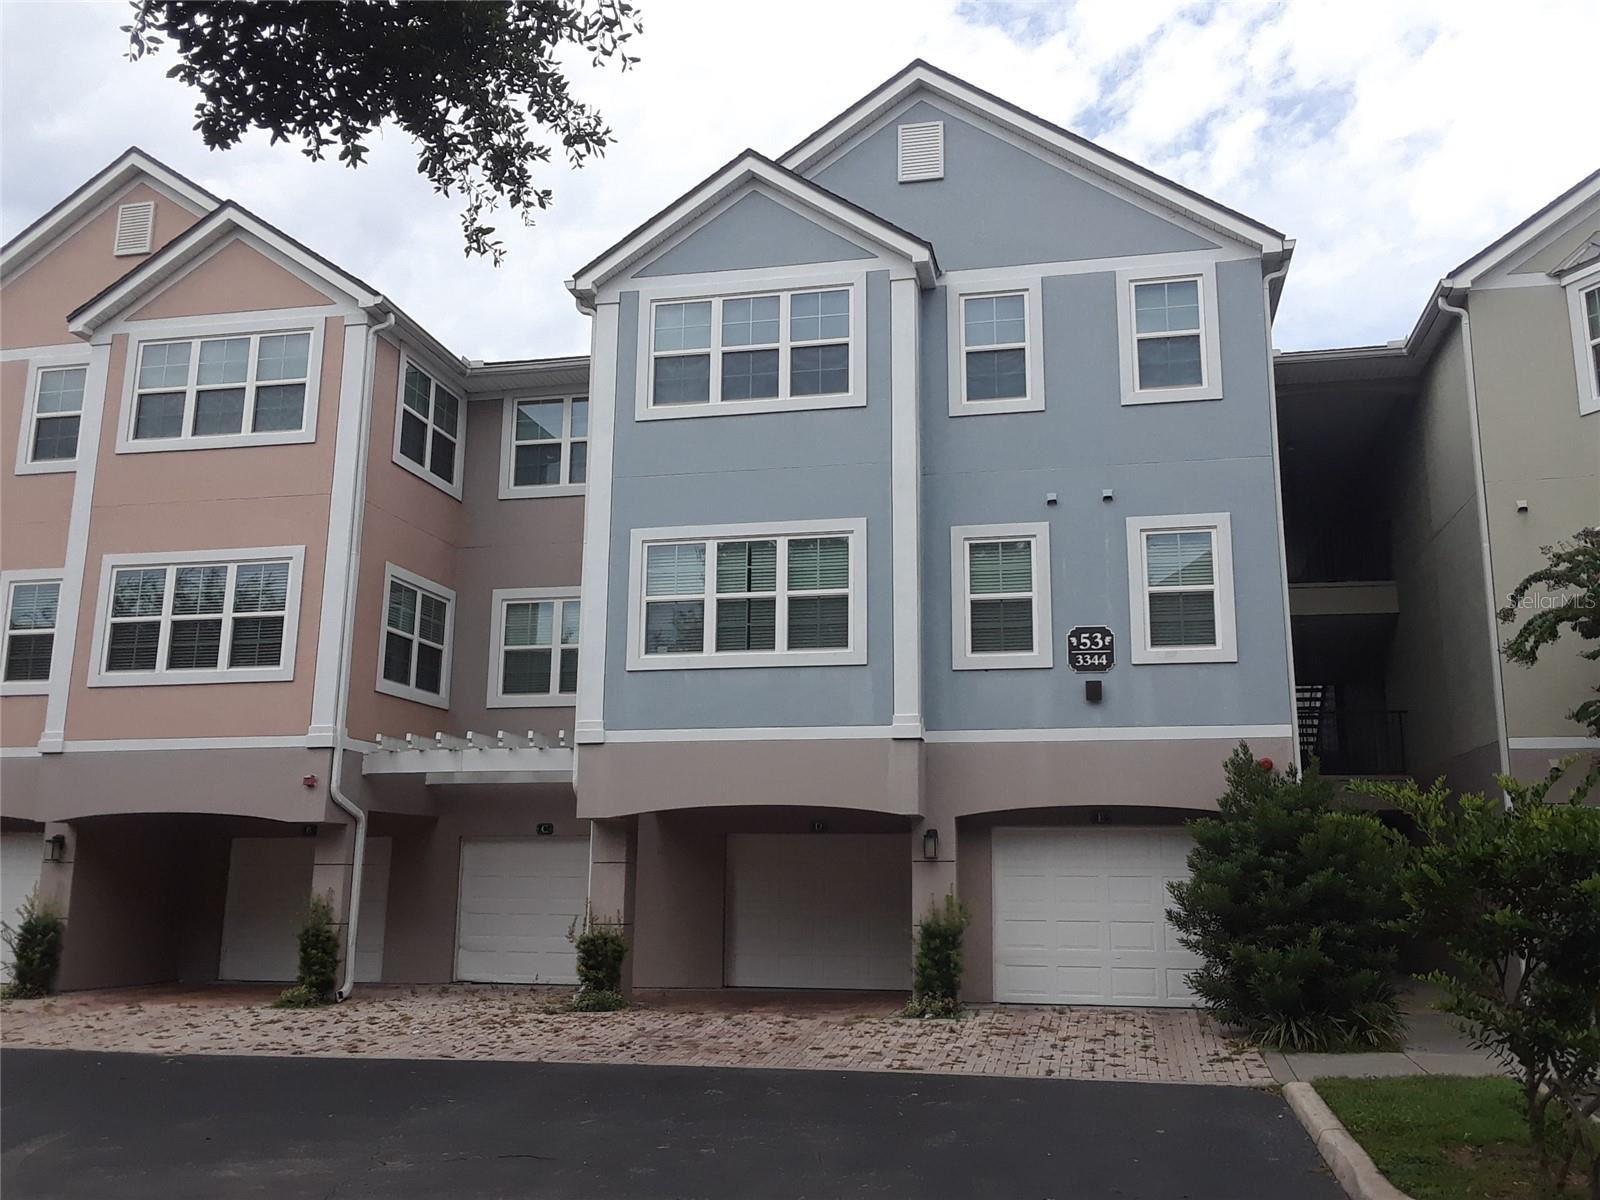 3344 CORONA VILLAGE WAY #302, Orlando, FL 32835 - #: S5054721